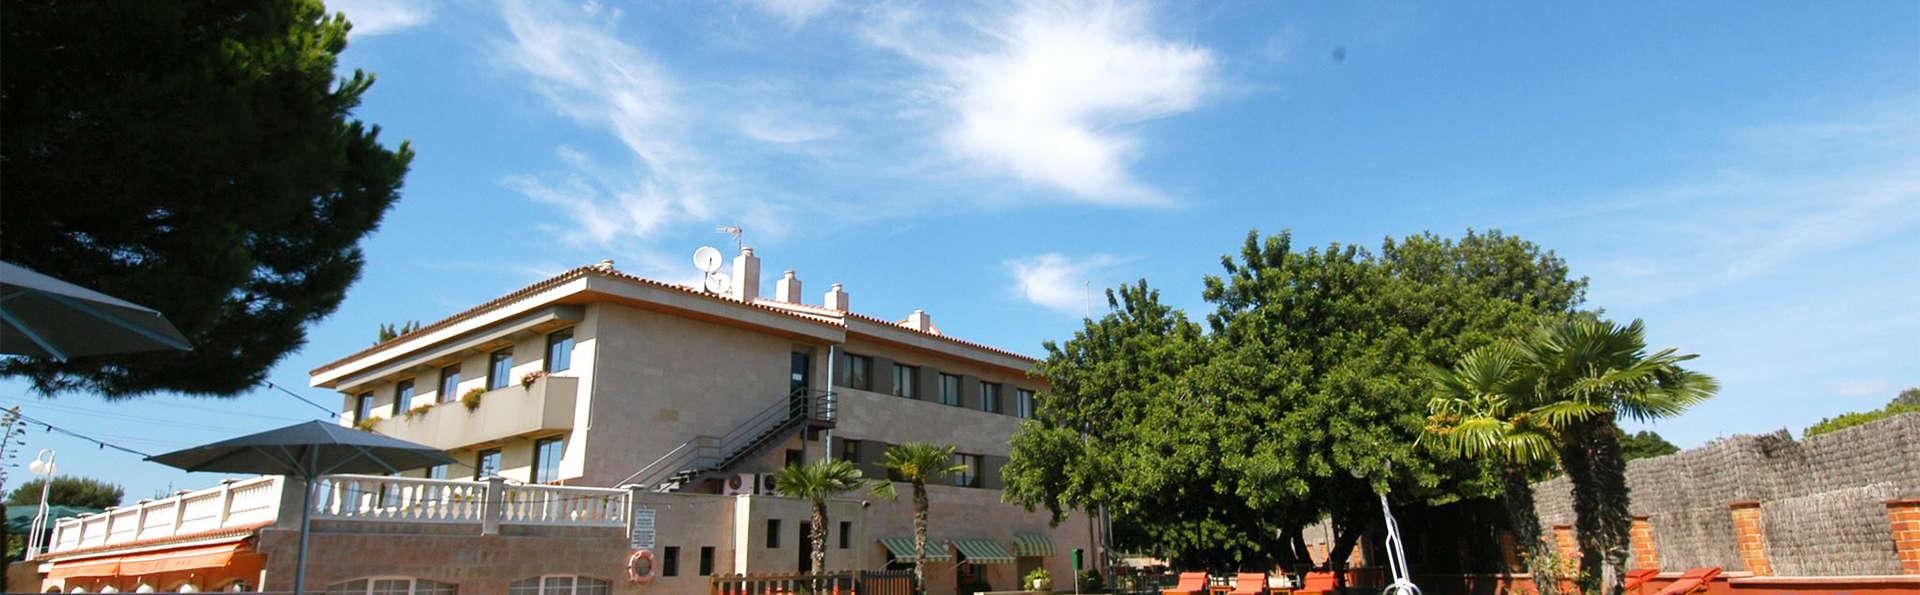 Escapade détente avec jacuzzi, dîner et cinéma à Valls